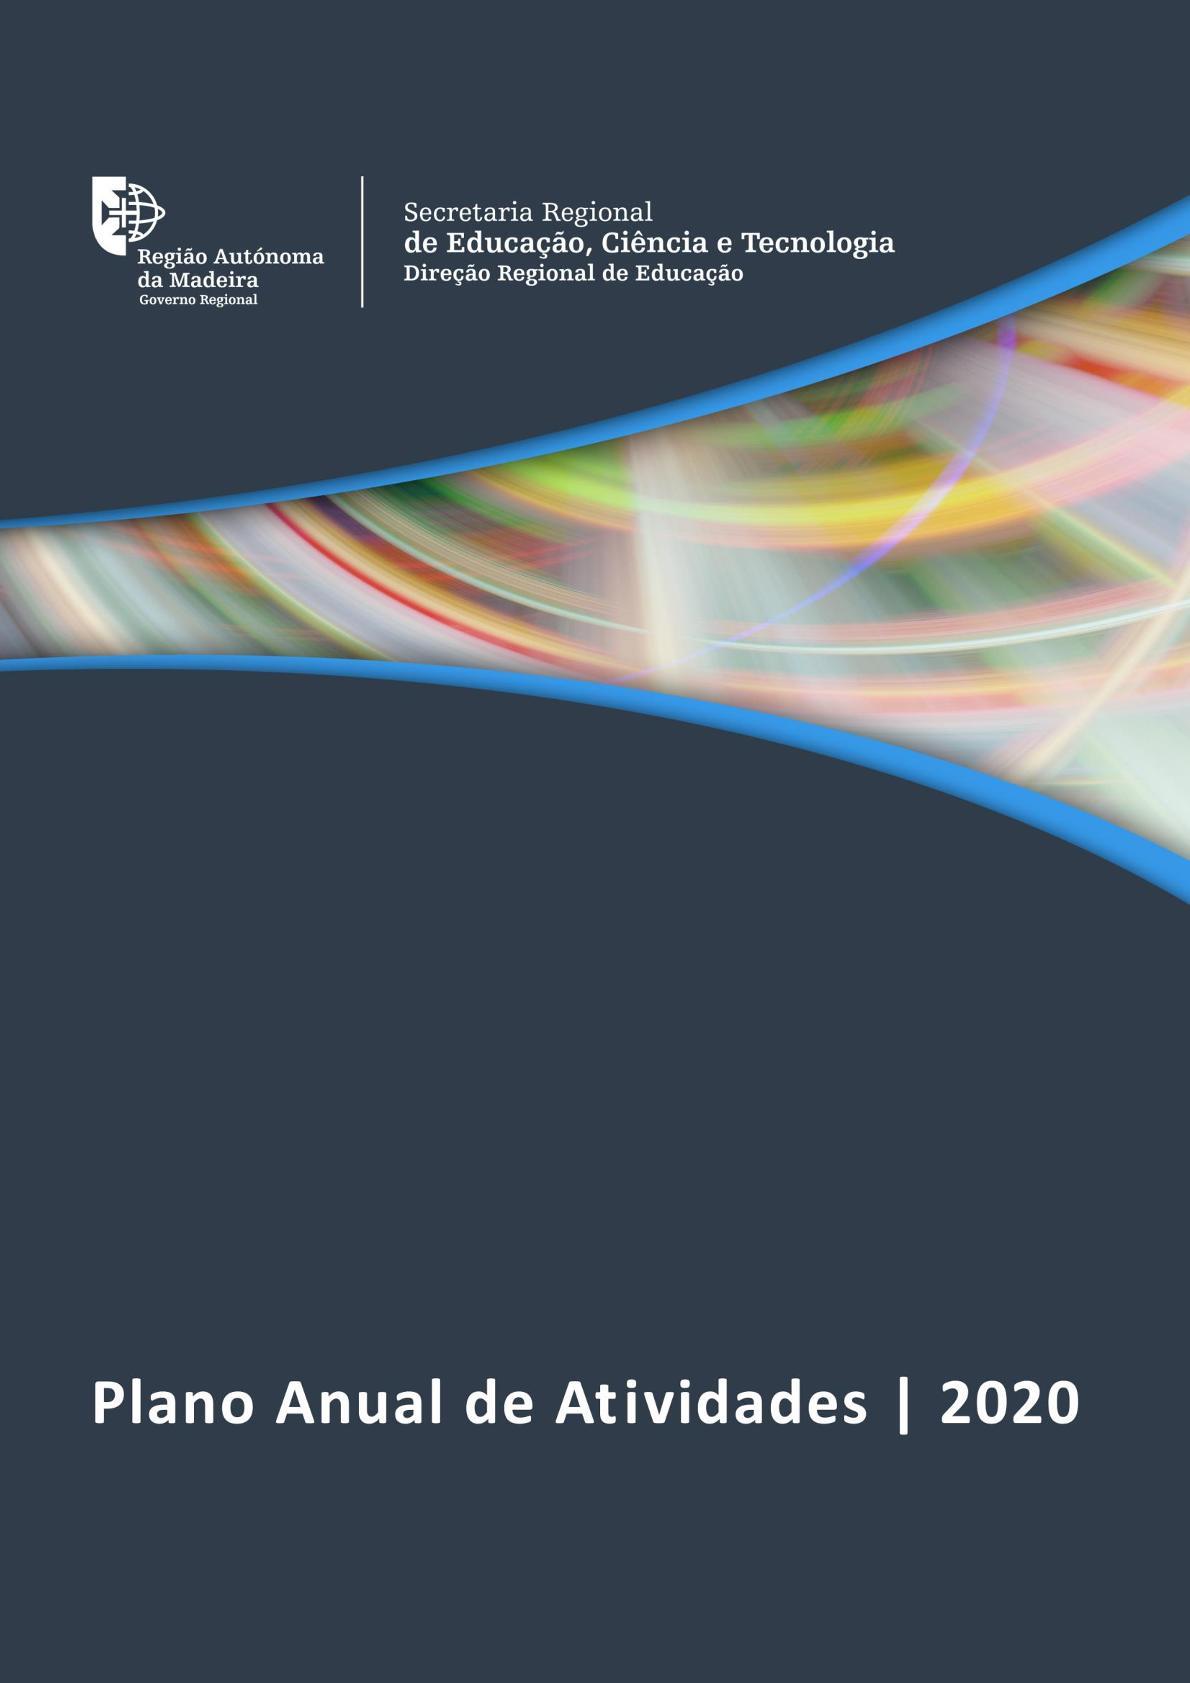 Plano Anual de Atividades DRE 2020